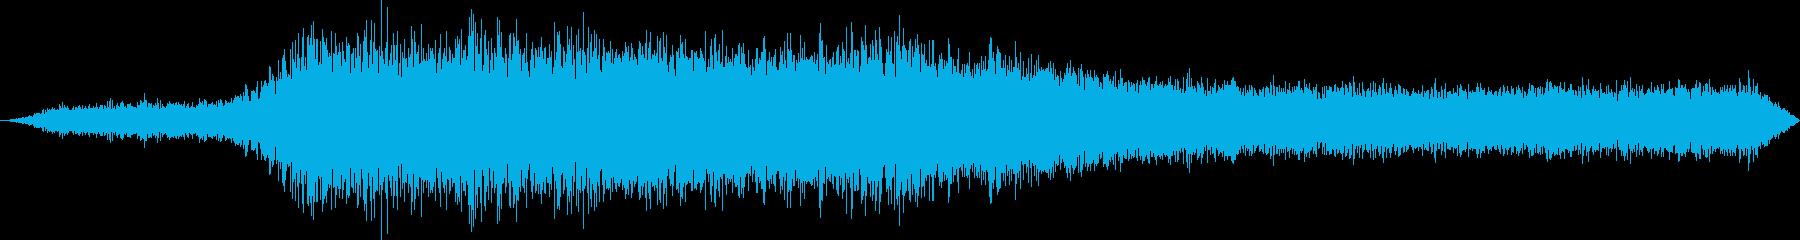 ボーイング777ジェット旅客機:I...の再生済みの波形